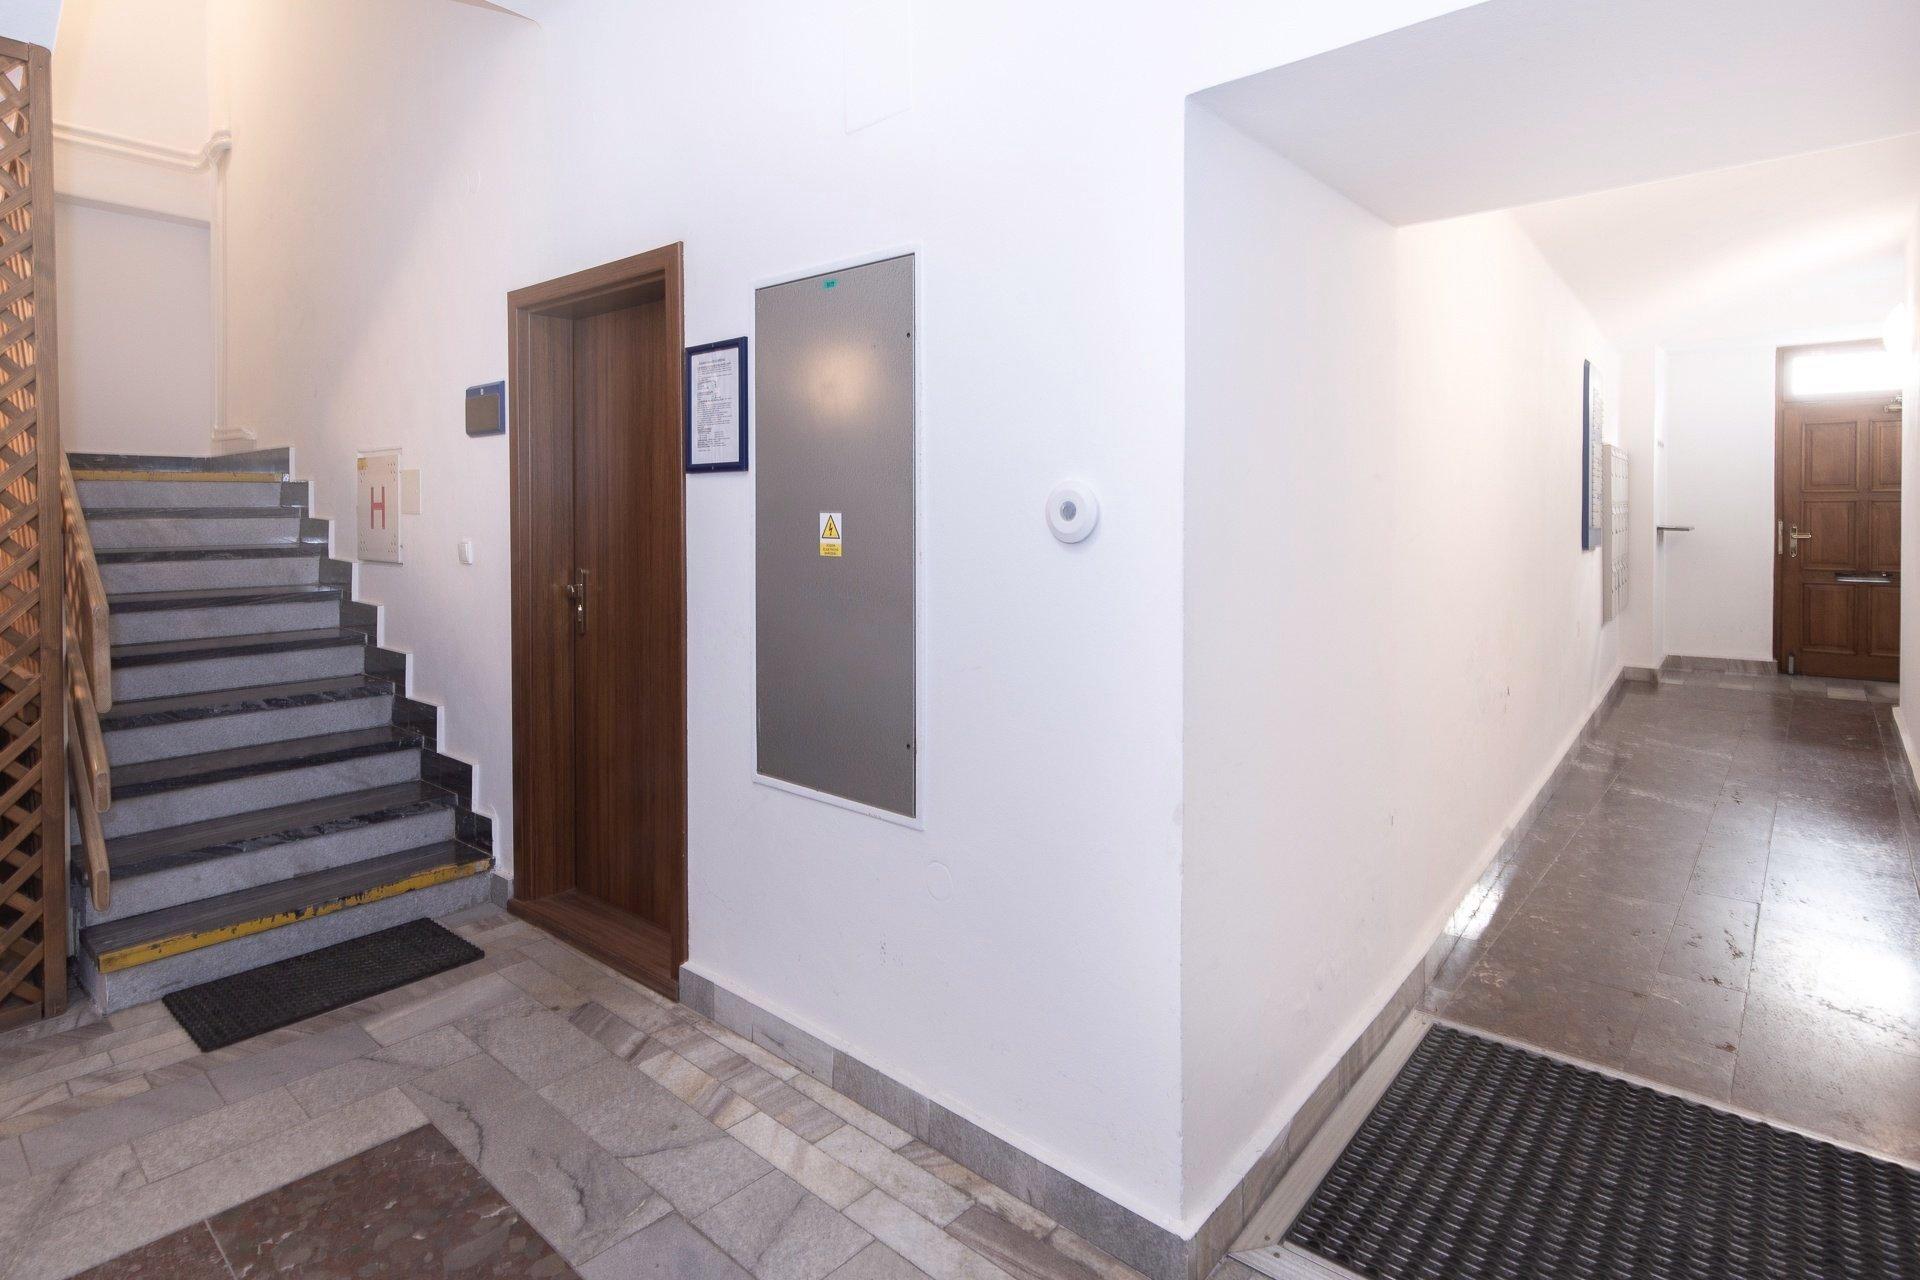 vstupní chodba - dveře, kamenná podlaha